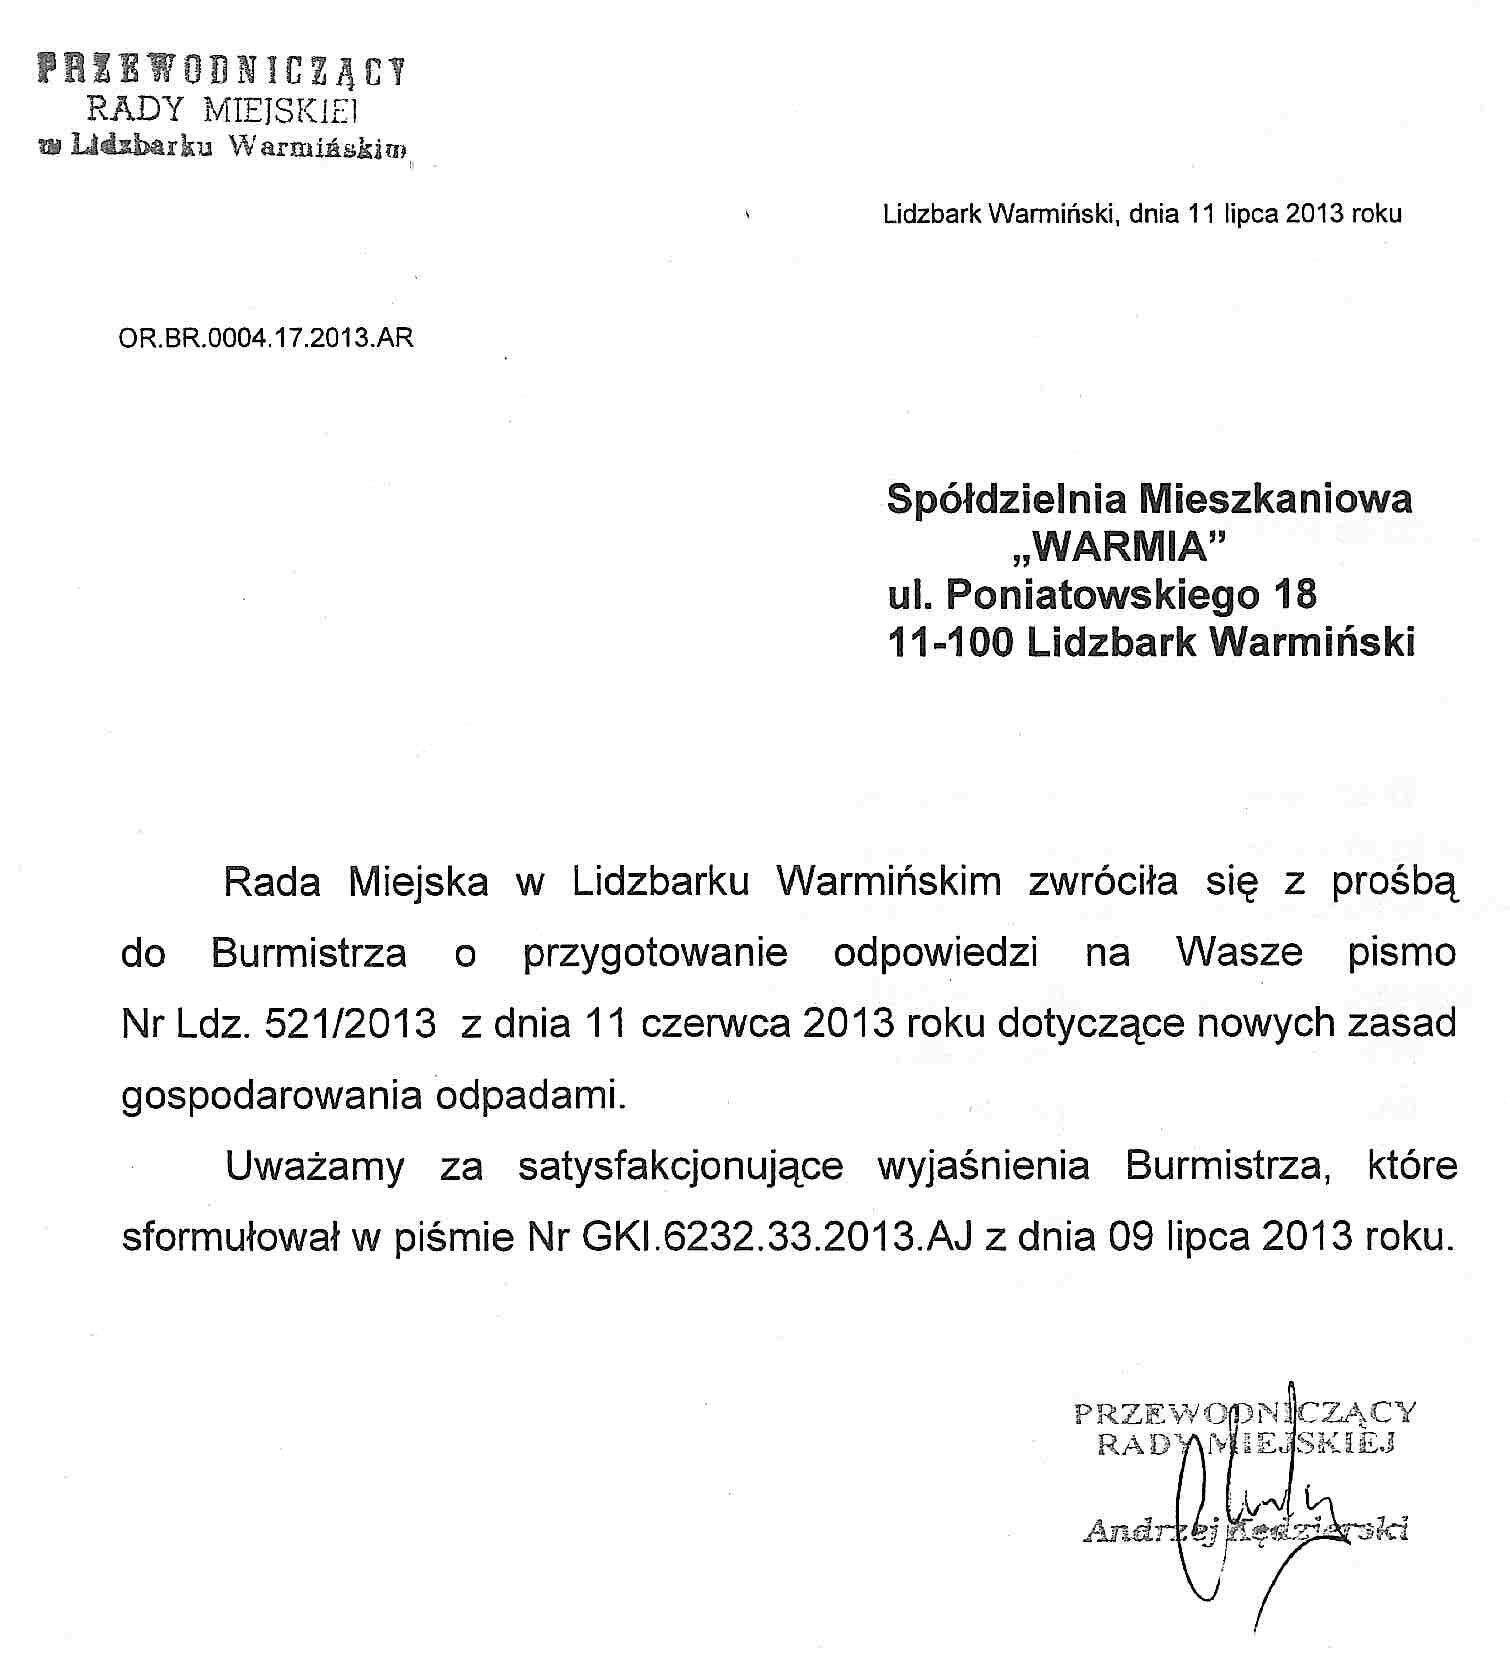 43 Sesja Rady Miasta Lidzbarka Warmińskiego Prace W Komisjach